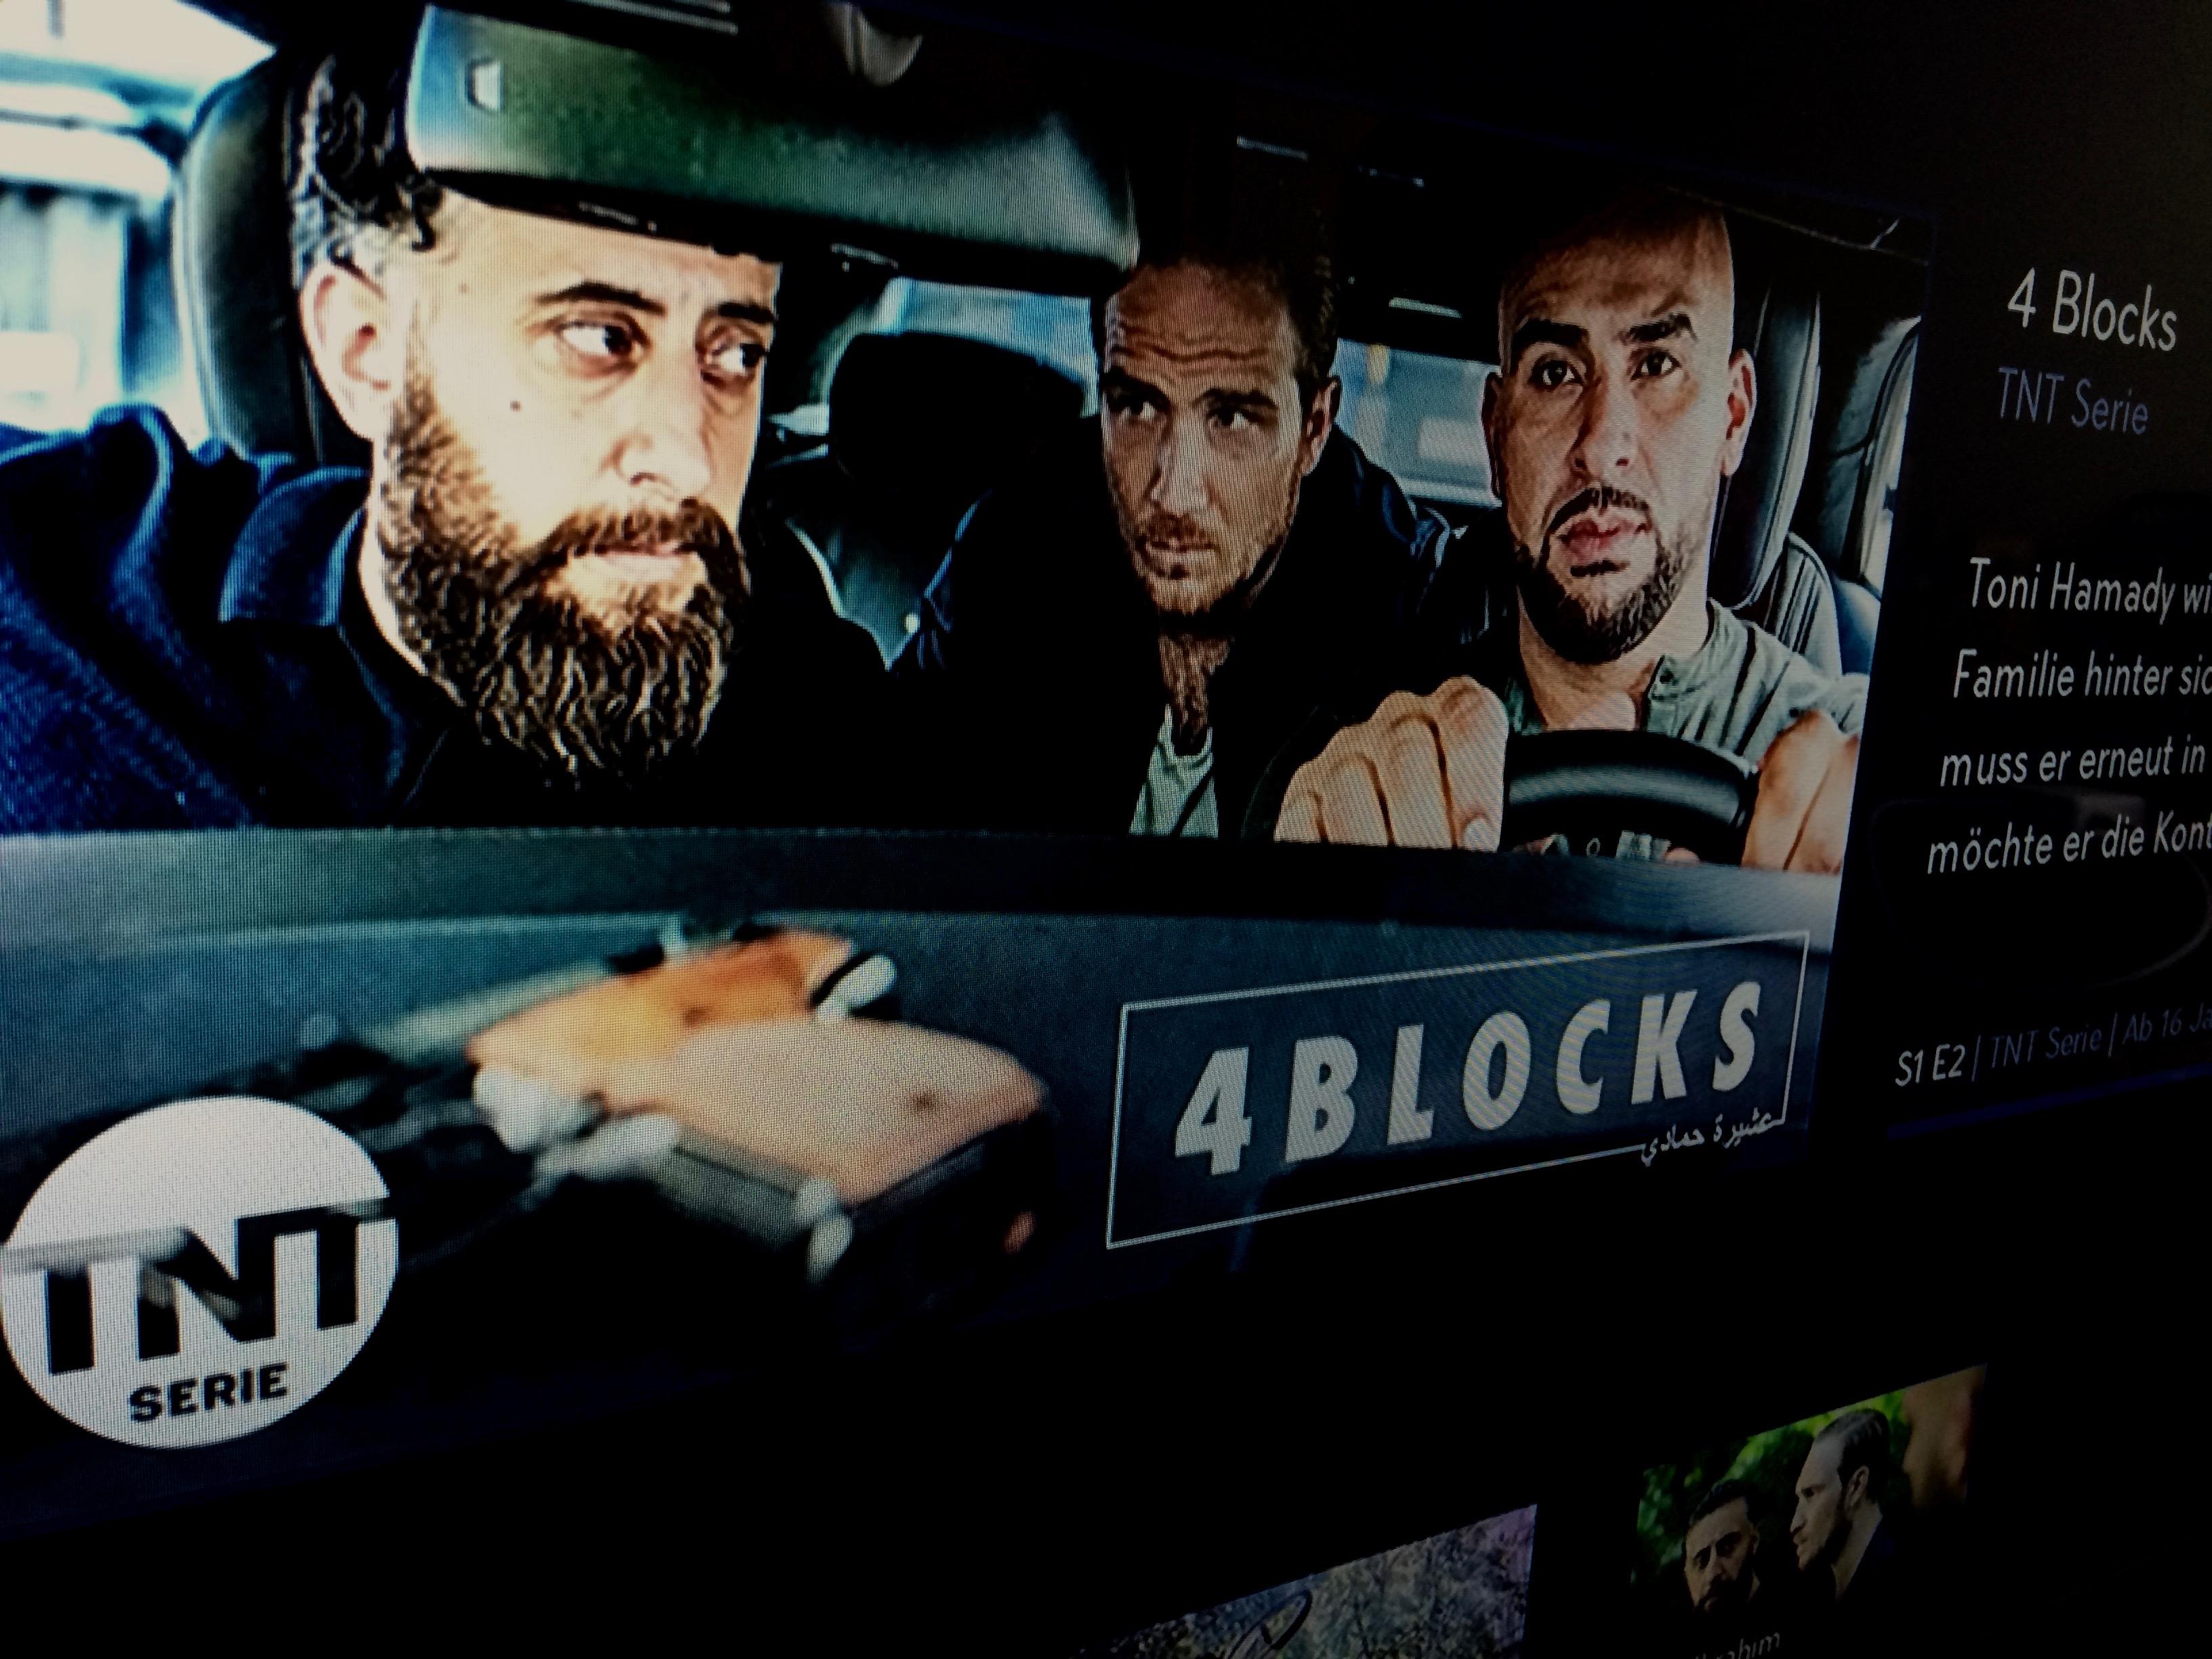 Tnt 4 Blocks